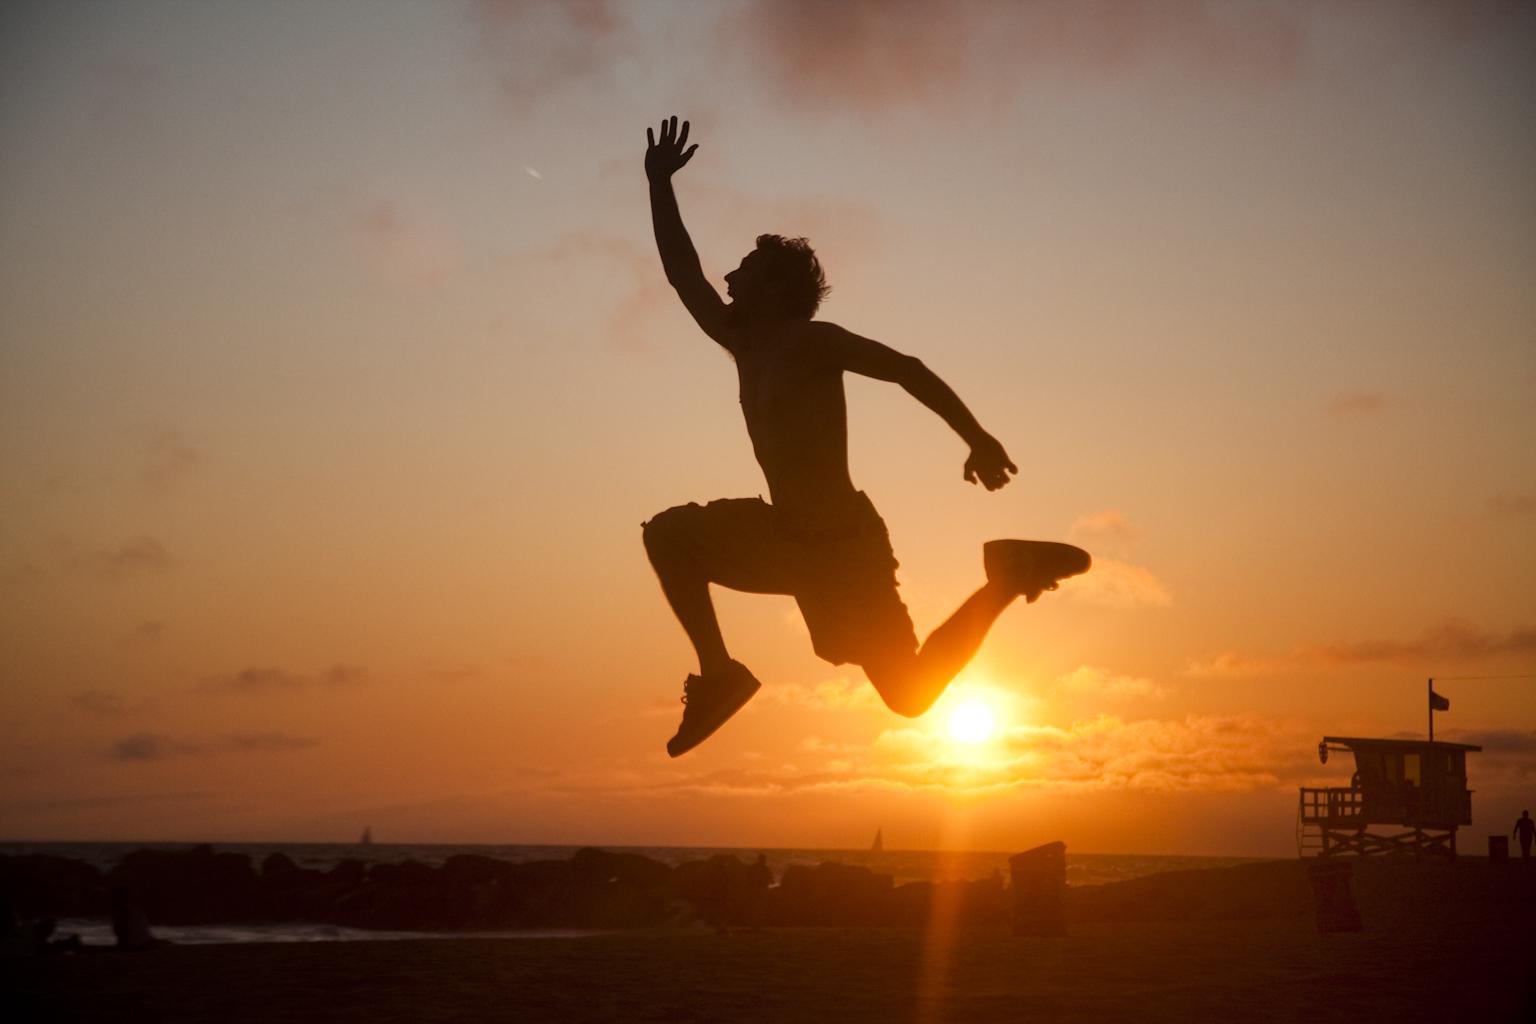 вид мужчина в прыжке картинка мюсли ягодами